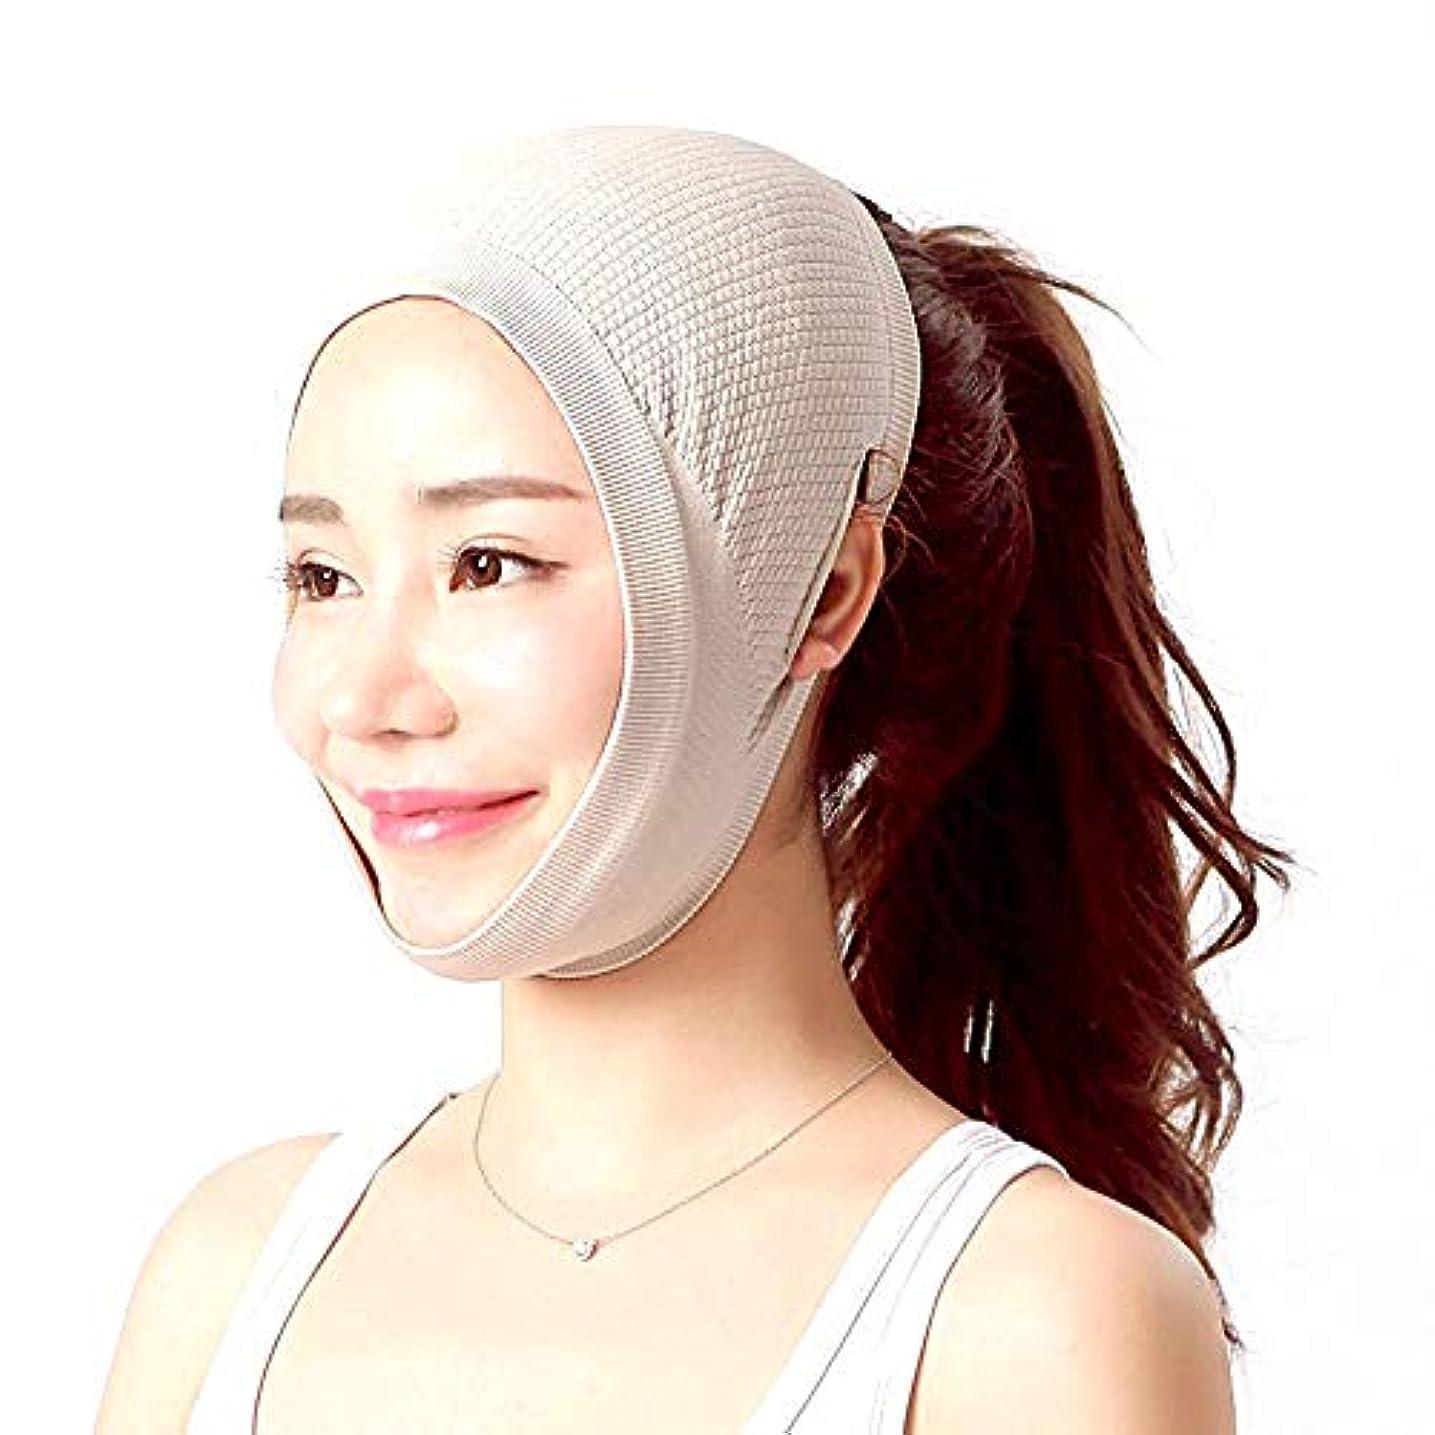 ドキドキ安息セレナJia Jia- フェイスリフティングアーティファクト包帯ライン術後回復包帯リフティングフェイスフードVフェイス包帯リフティングVフェイス美容マスク - 肌のトーン 顔面包帯